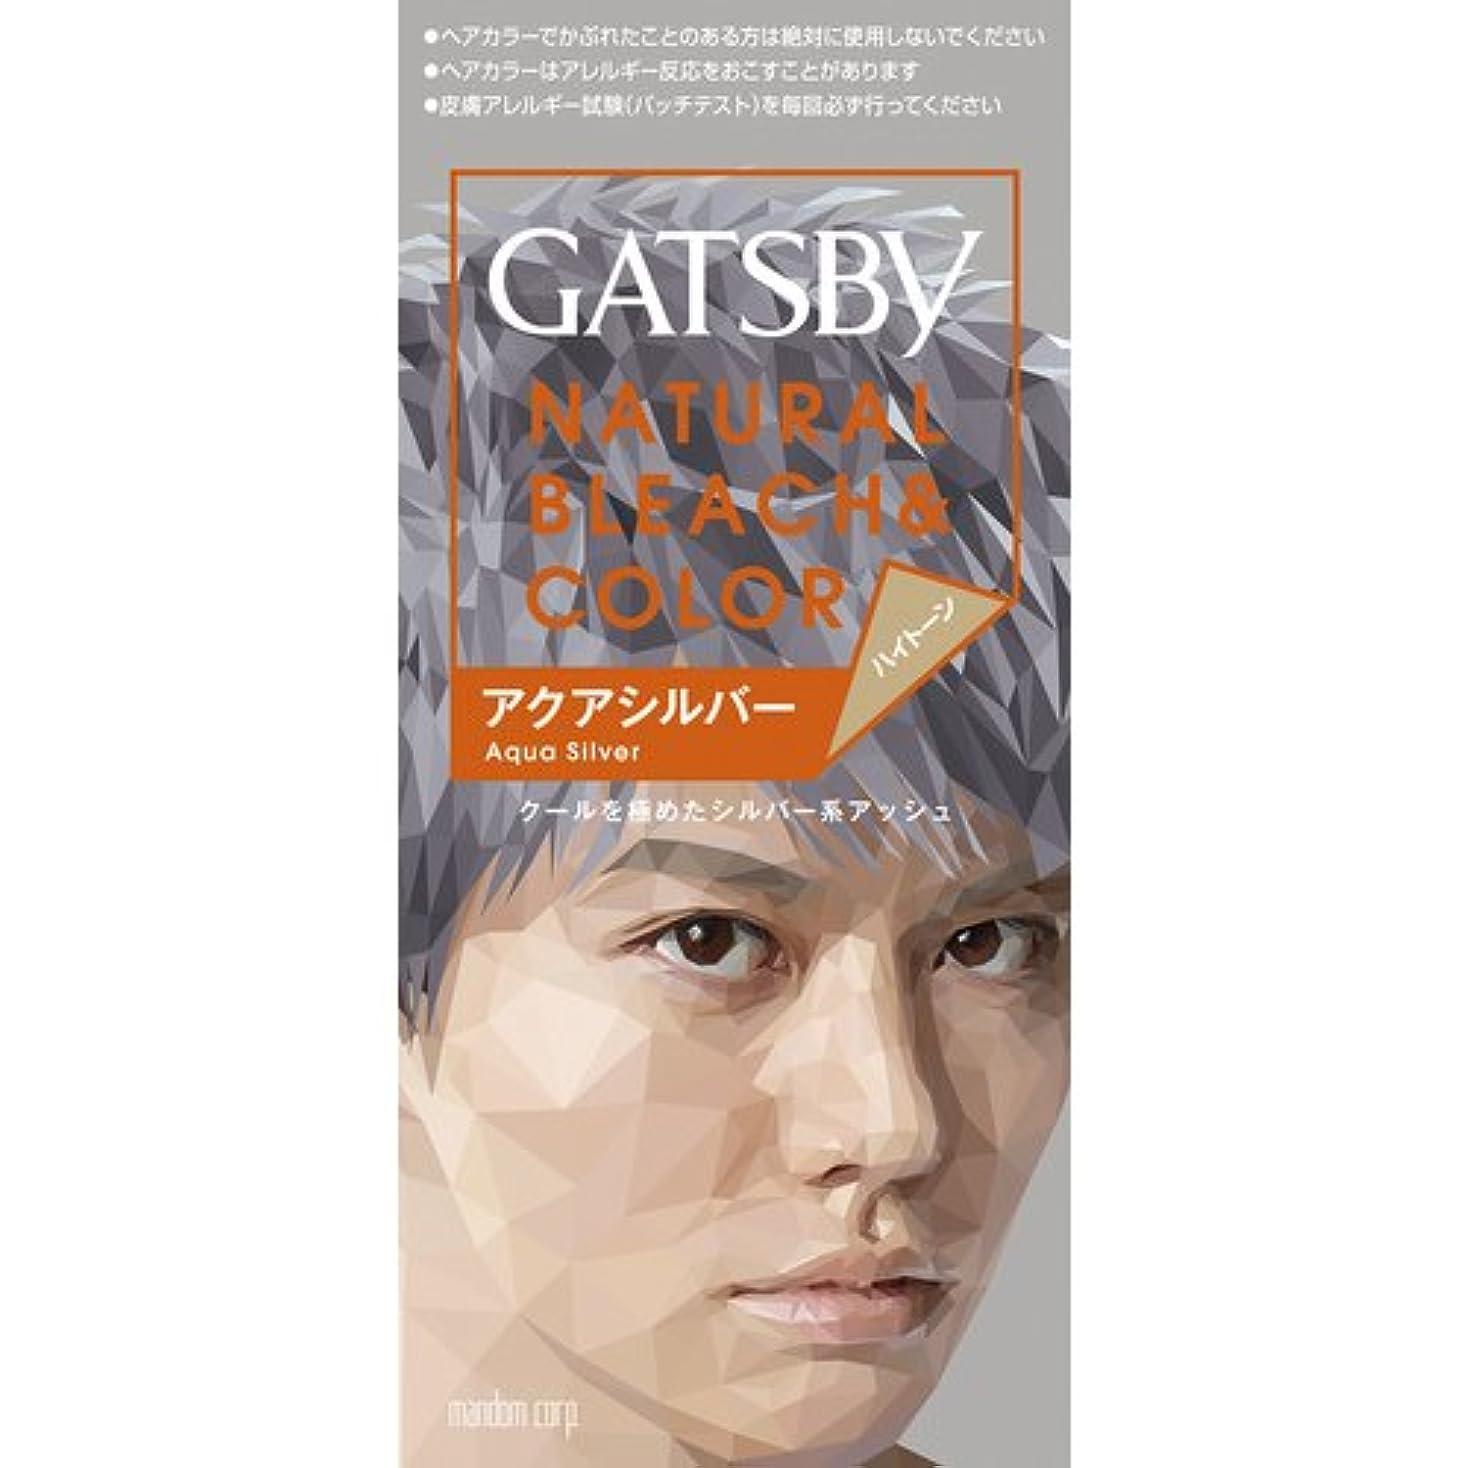 フェード口述するピアギャツビー(GATSBY) ナチュラルブリーチカラー アクアシルバー 35g+70ml [医薬部外品]